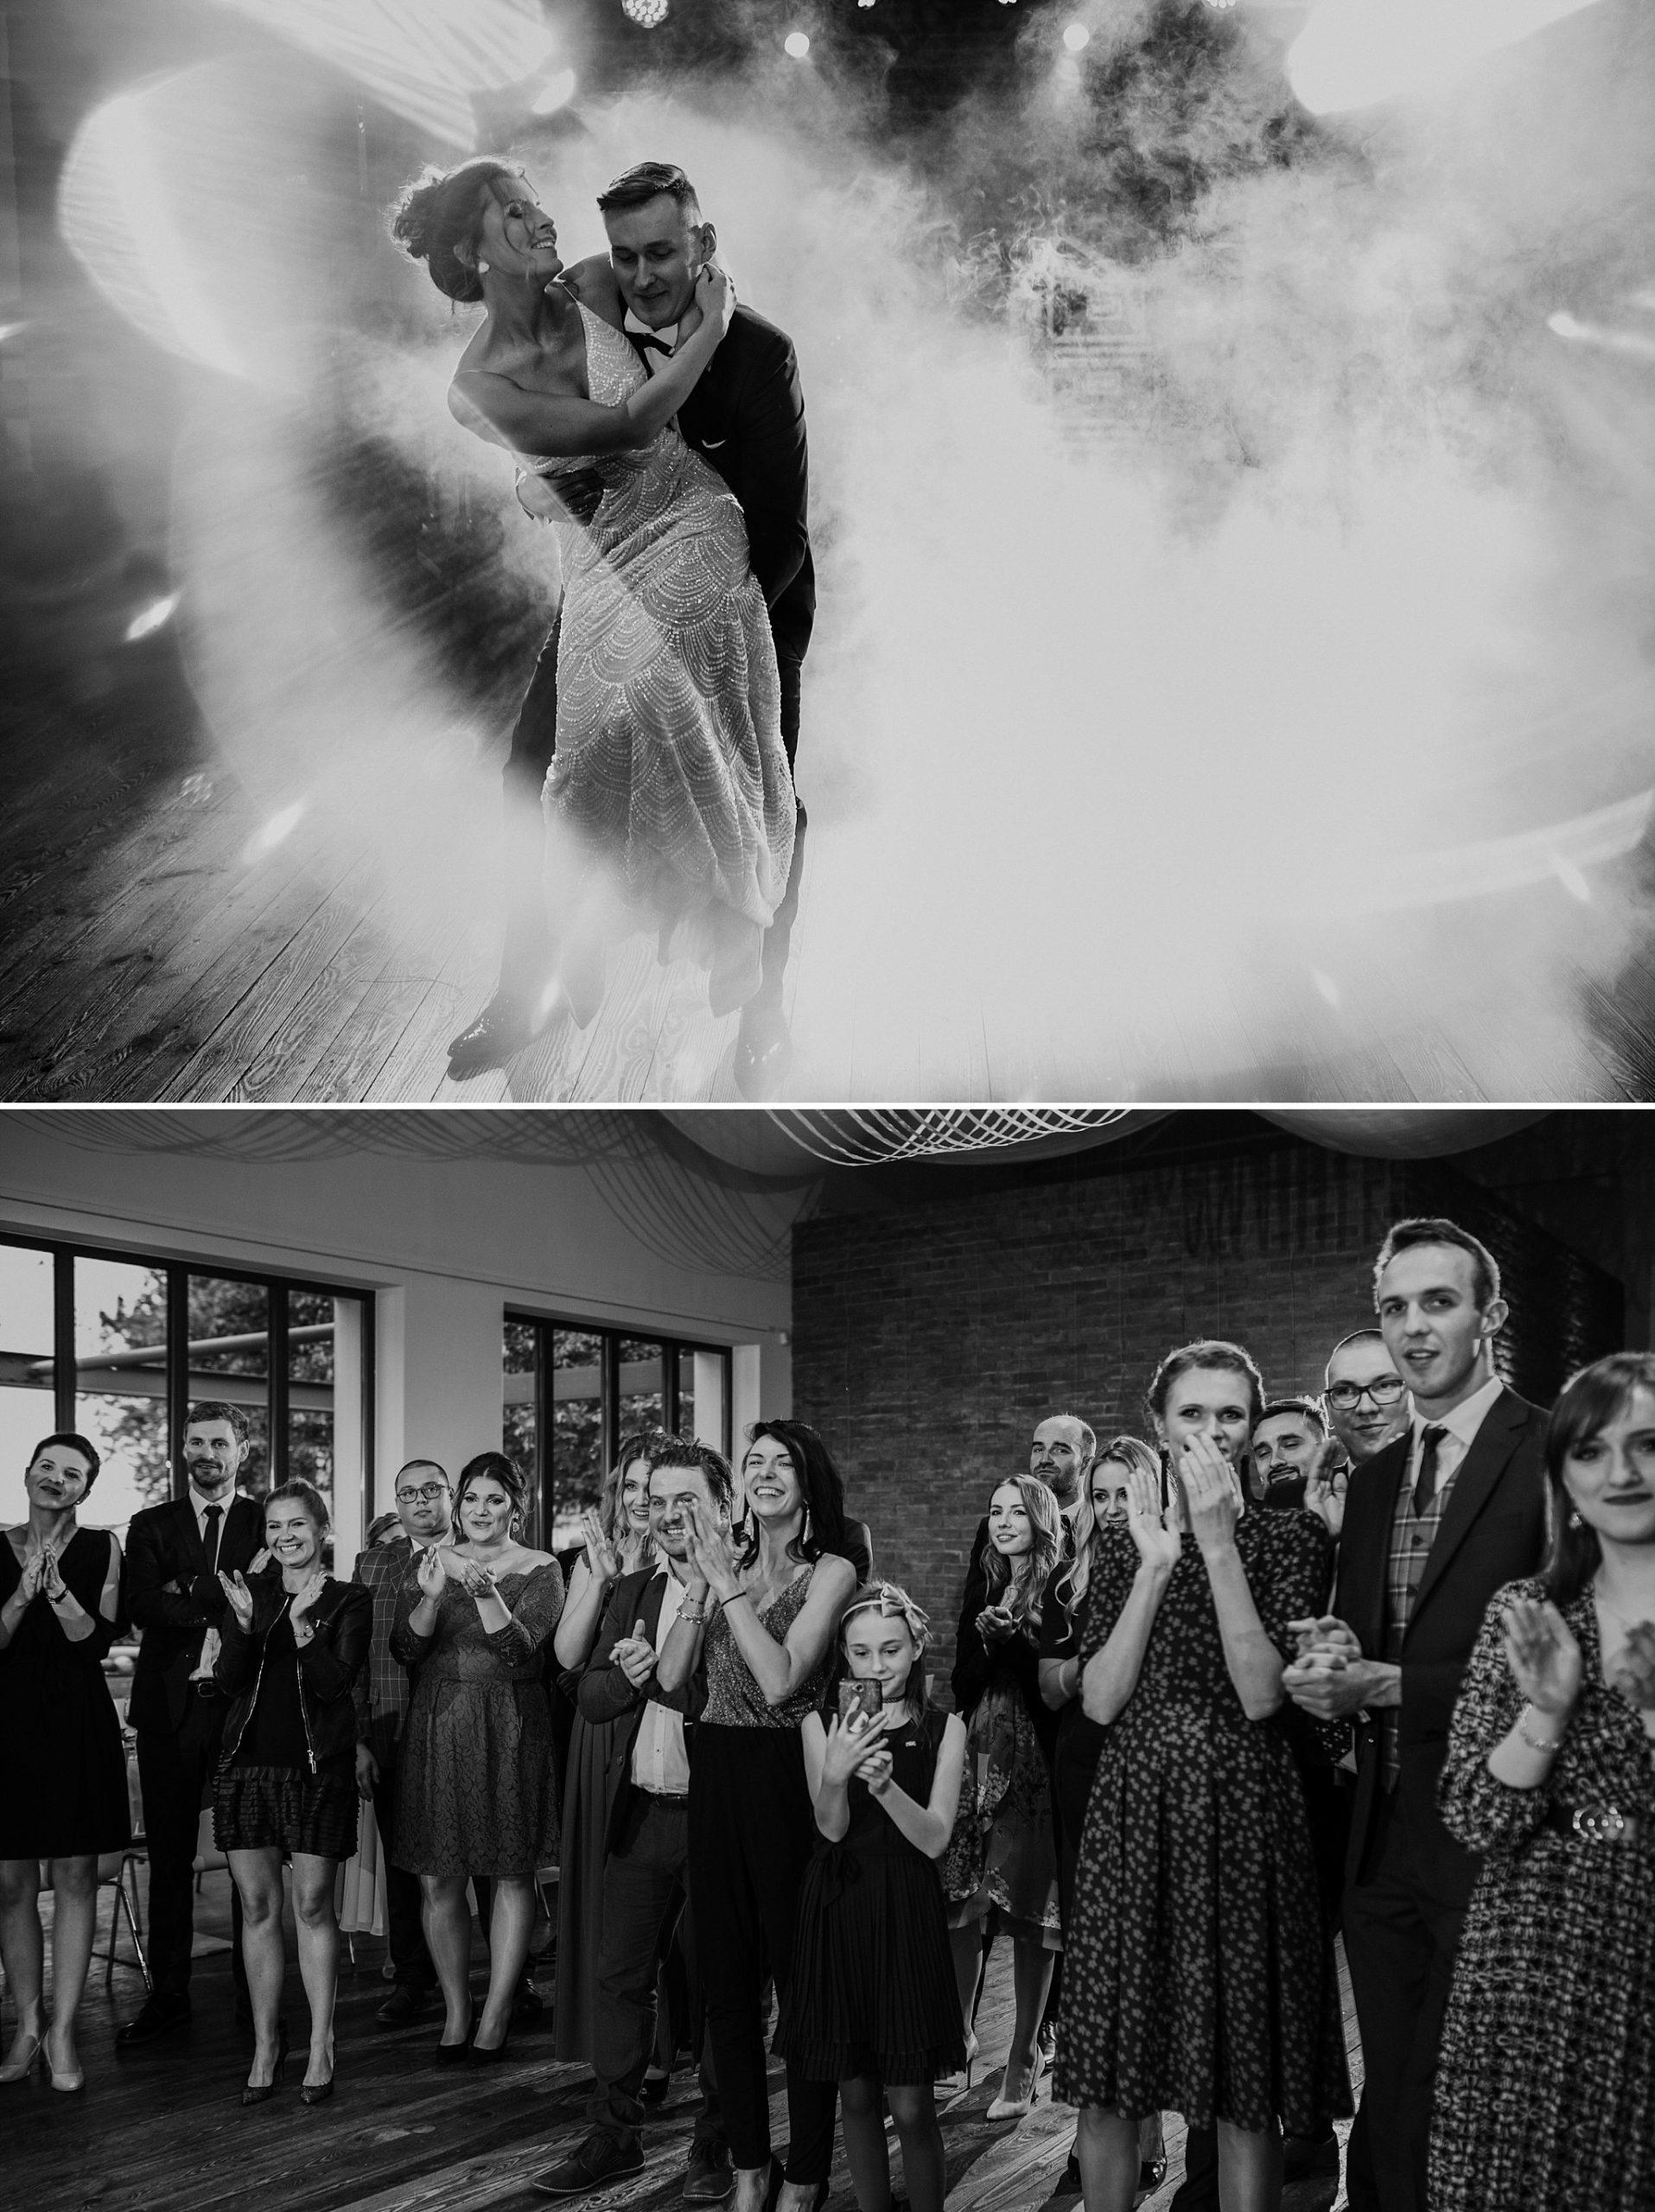 fotograf poznan wesele dobra truskawka piekne wesele pod poznaniem wesele w dobrej truskawce piekna para mloda slub marzen slub koronawirus slub listopad wesele koronawirus 324 scaled